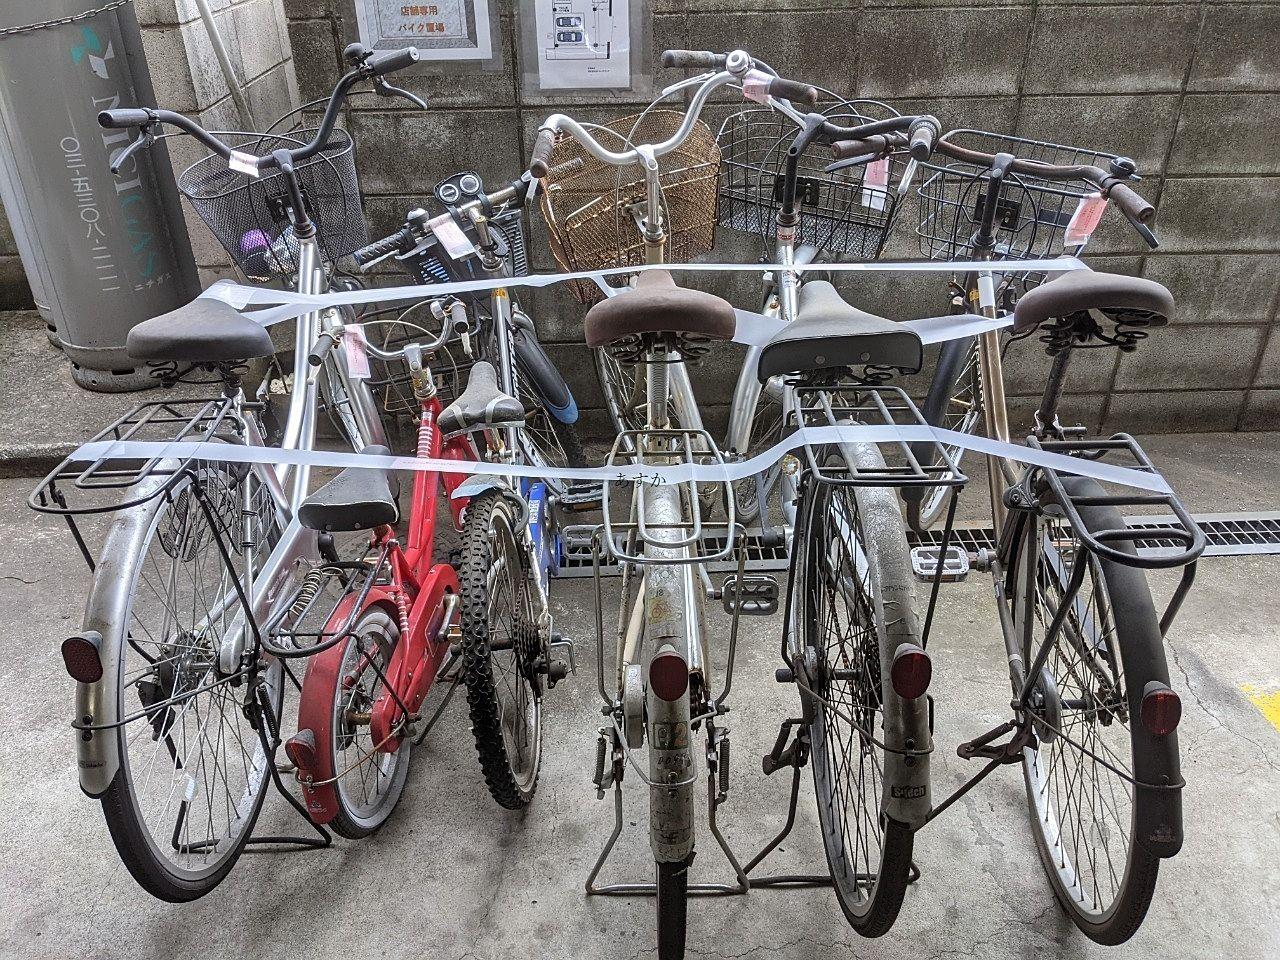 私有地に放置された自転車。何度も繰り返される問題